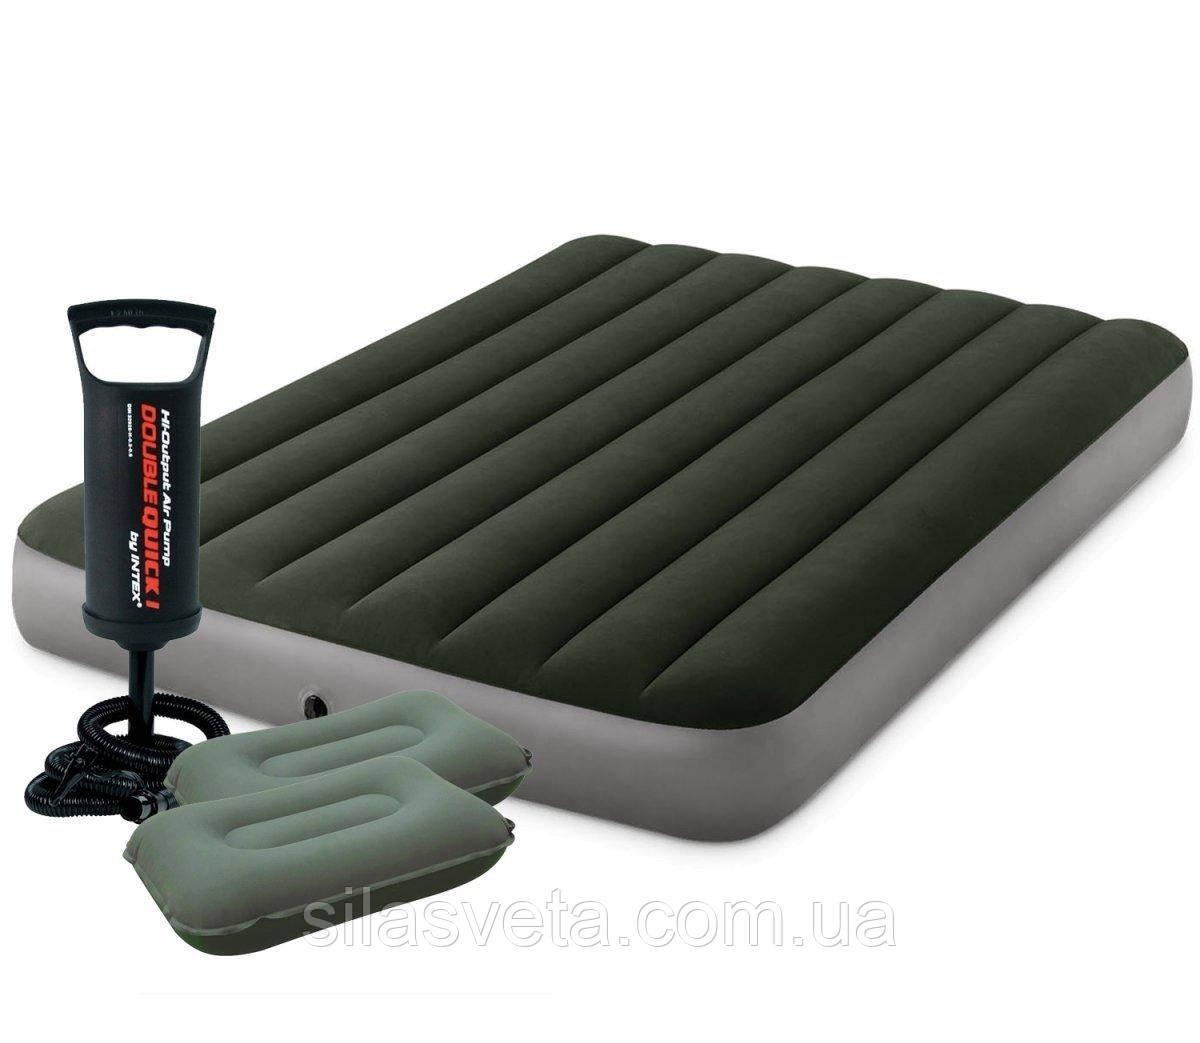 Надувной полуторный матрас Intex 64108-2 (137x191x25 см.) + ручной насос и подушки.